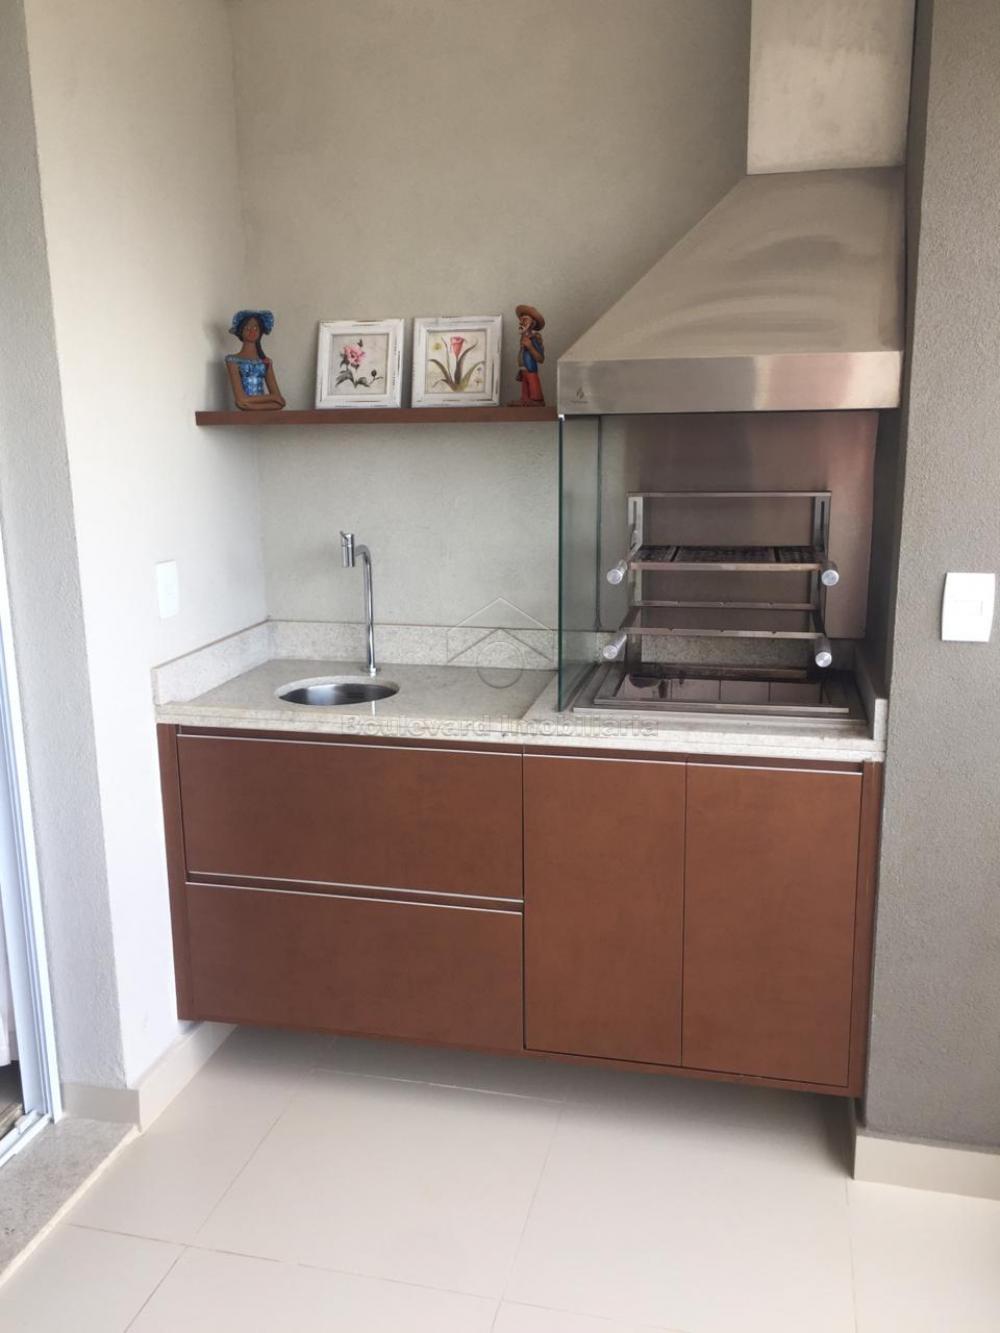 Comprar Apartamento / Padrão em Ribeirão Preto R$ 670.000,00 - Foto 3